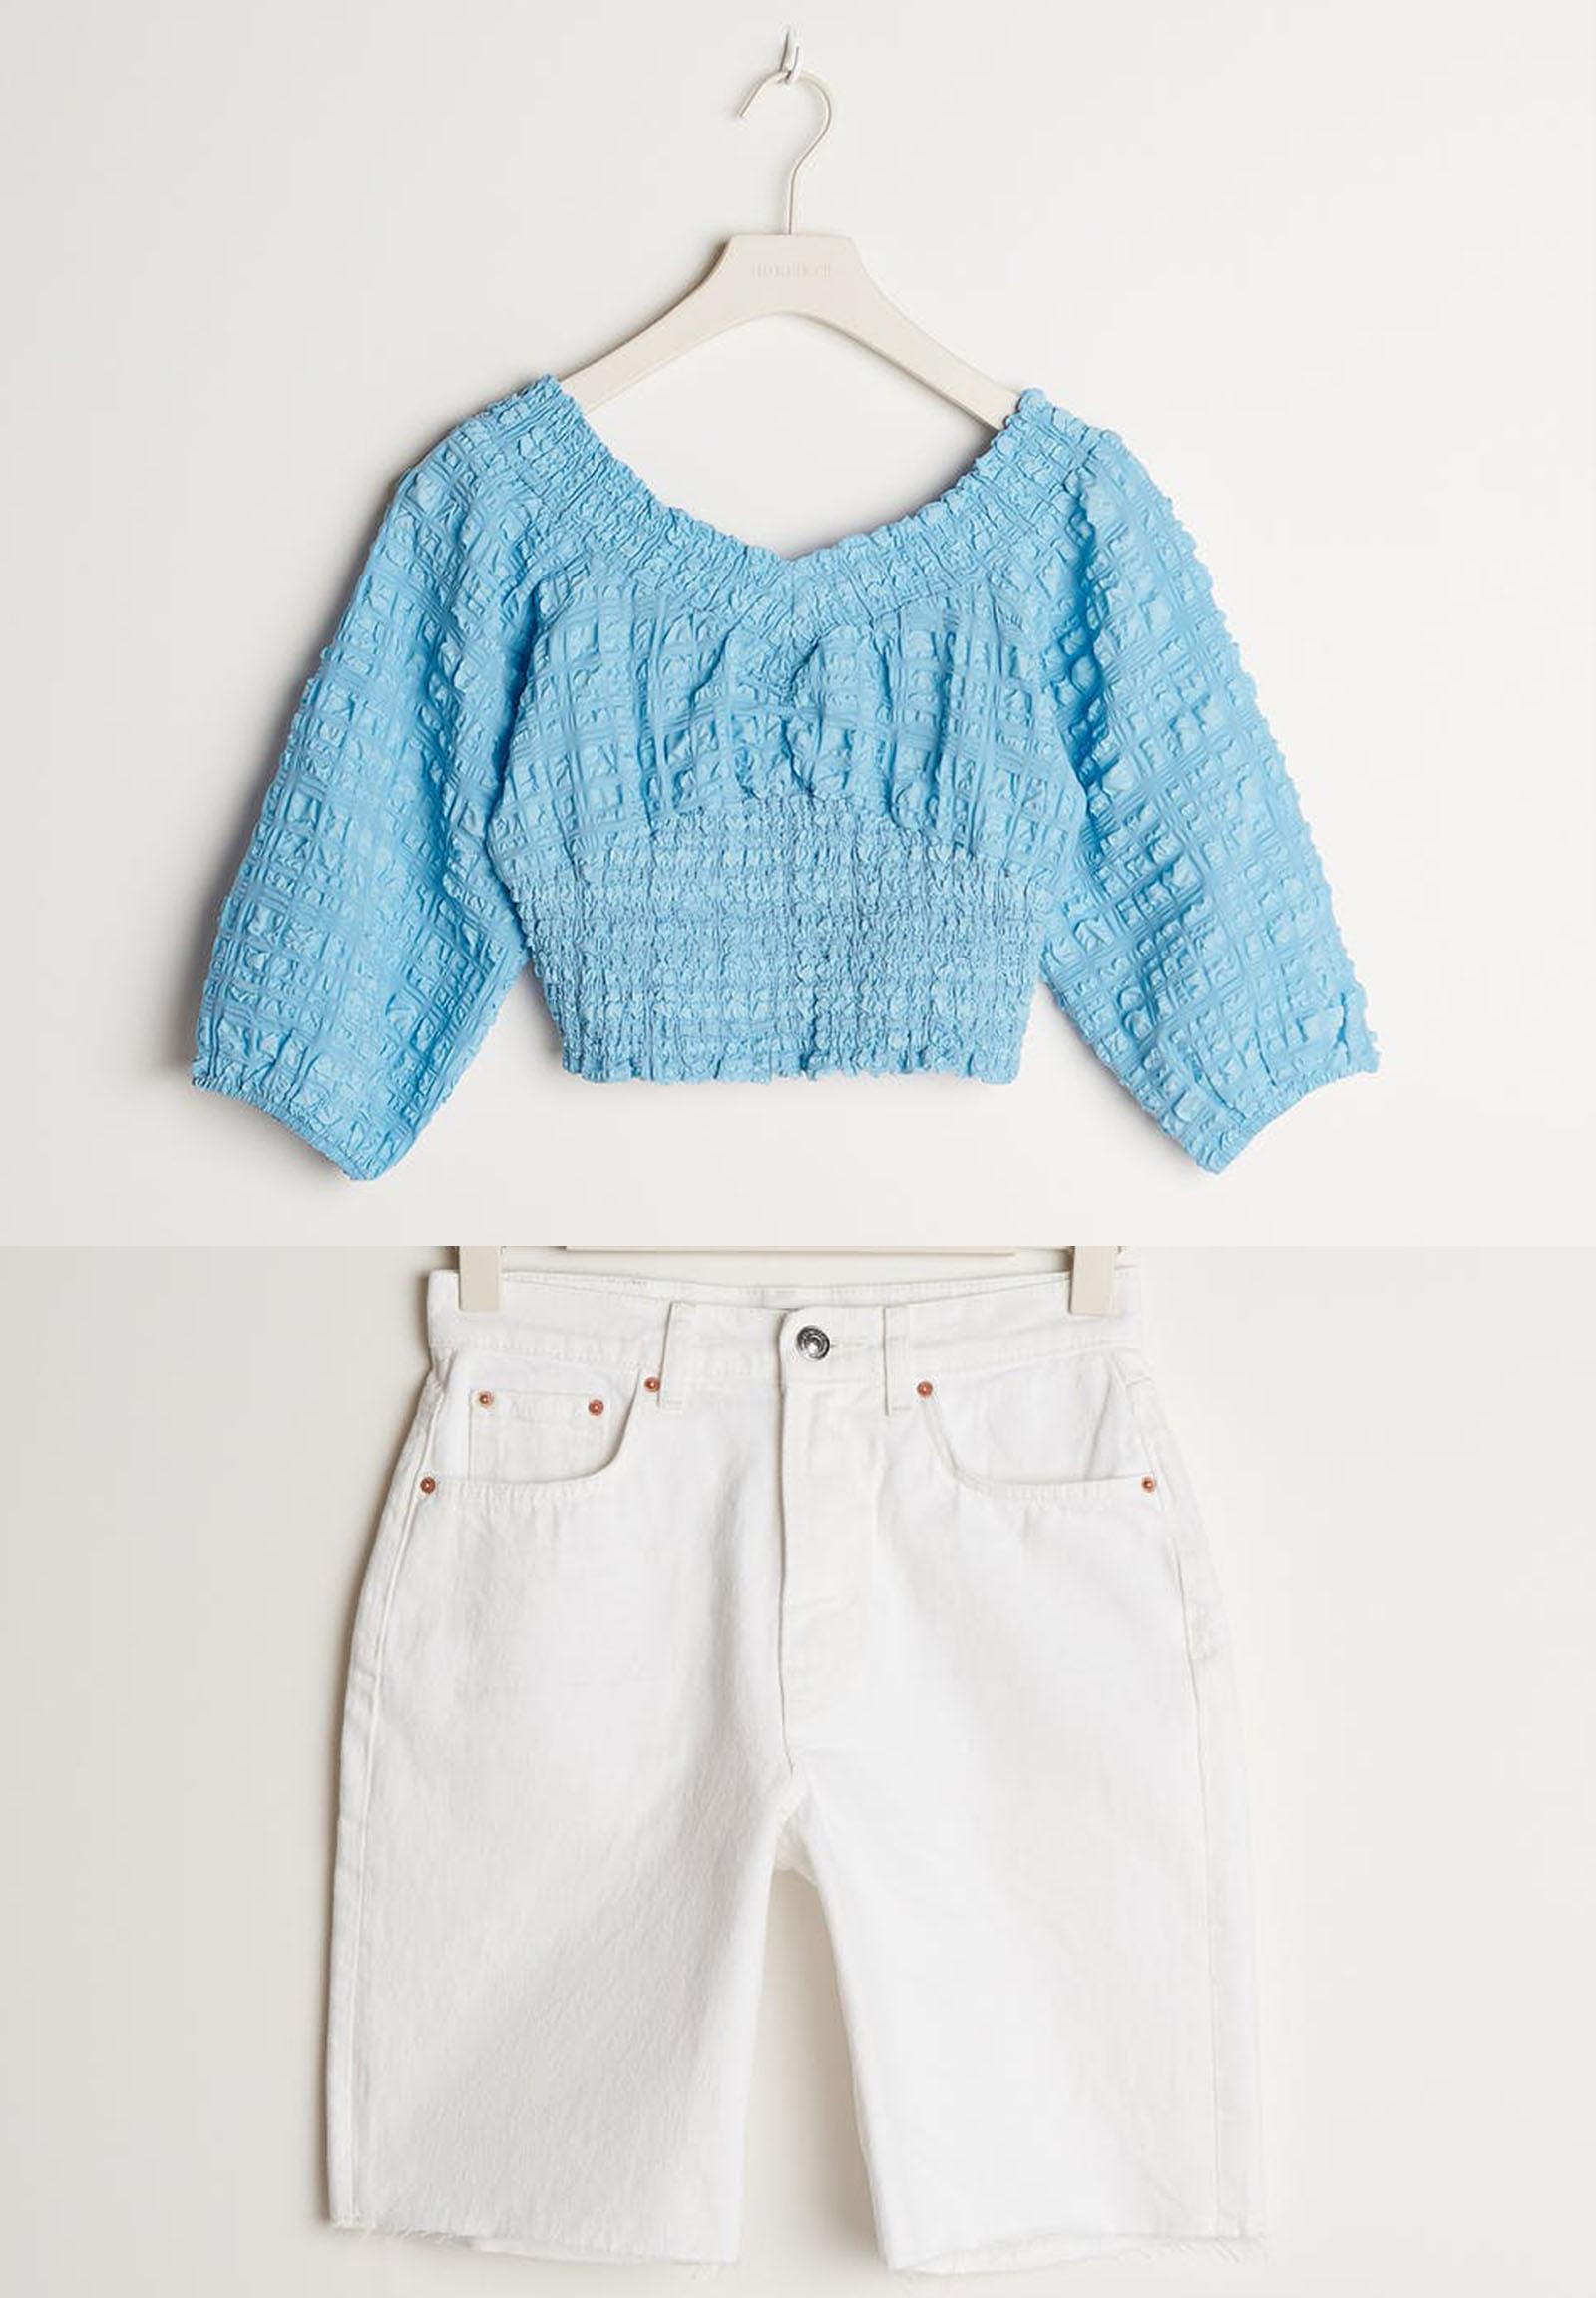 ljusblå-off-shoulder-topp-och-vita-längre-jeansshorts-från-gina-tricot